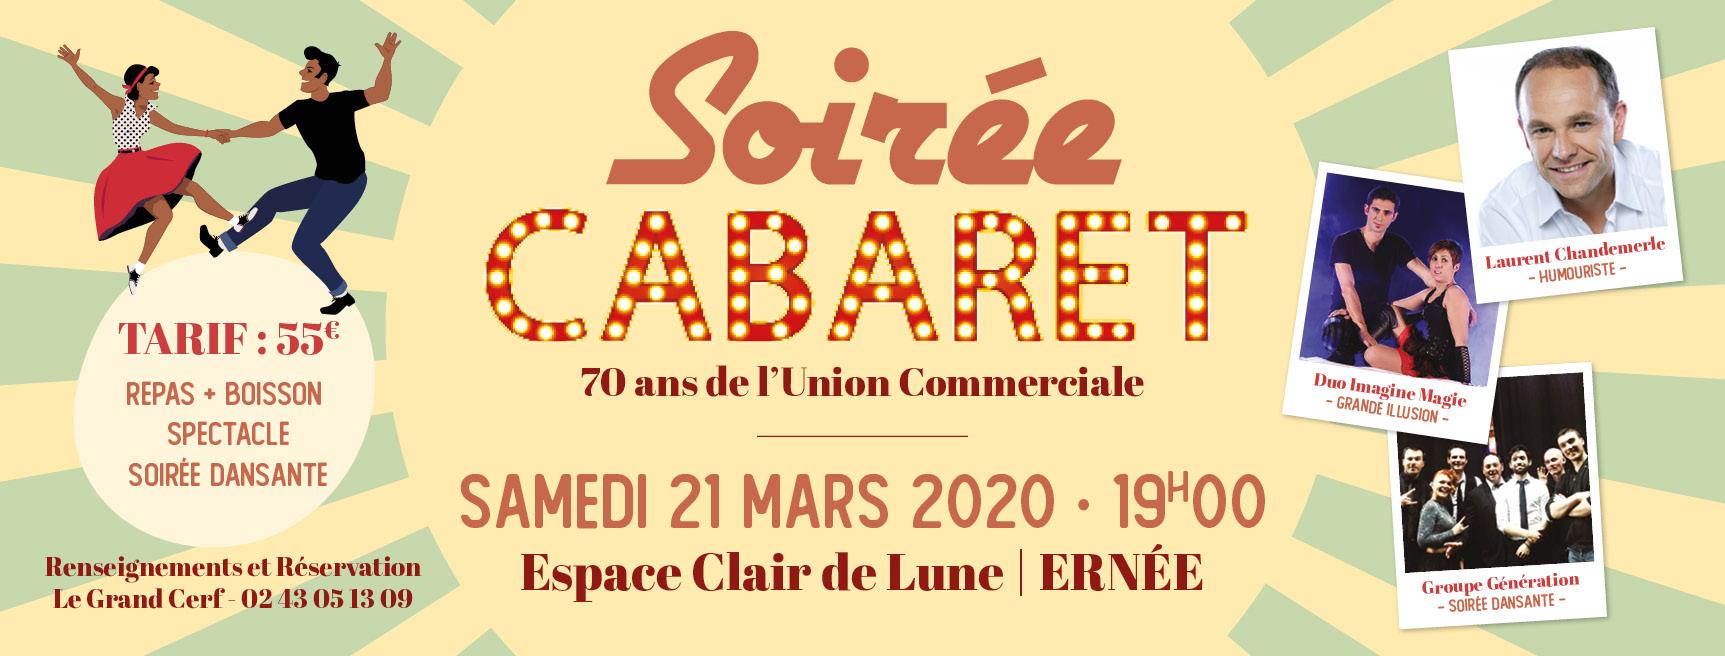 Soirée Cabaret des 70 ans de l'Union Commerciale